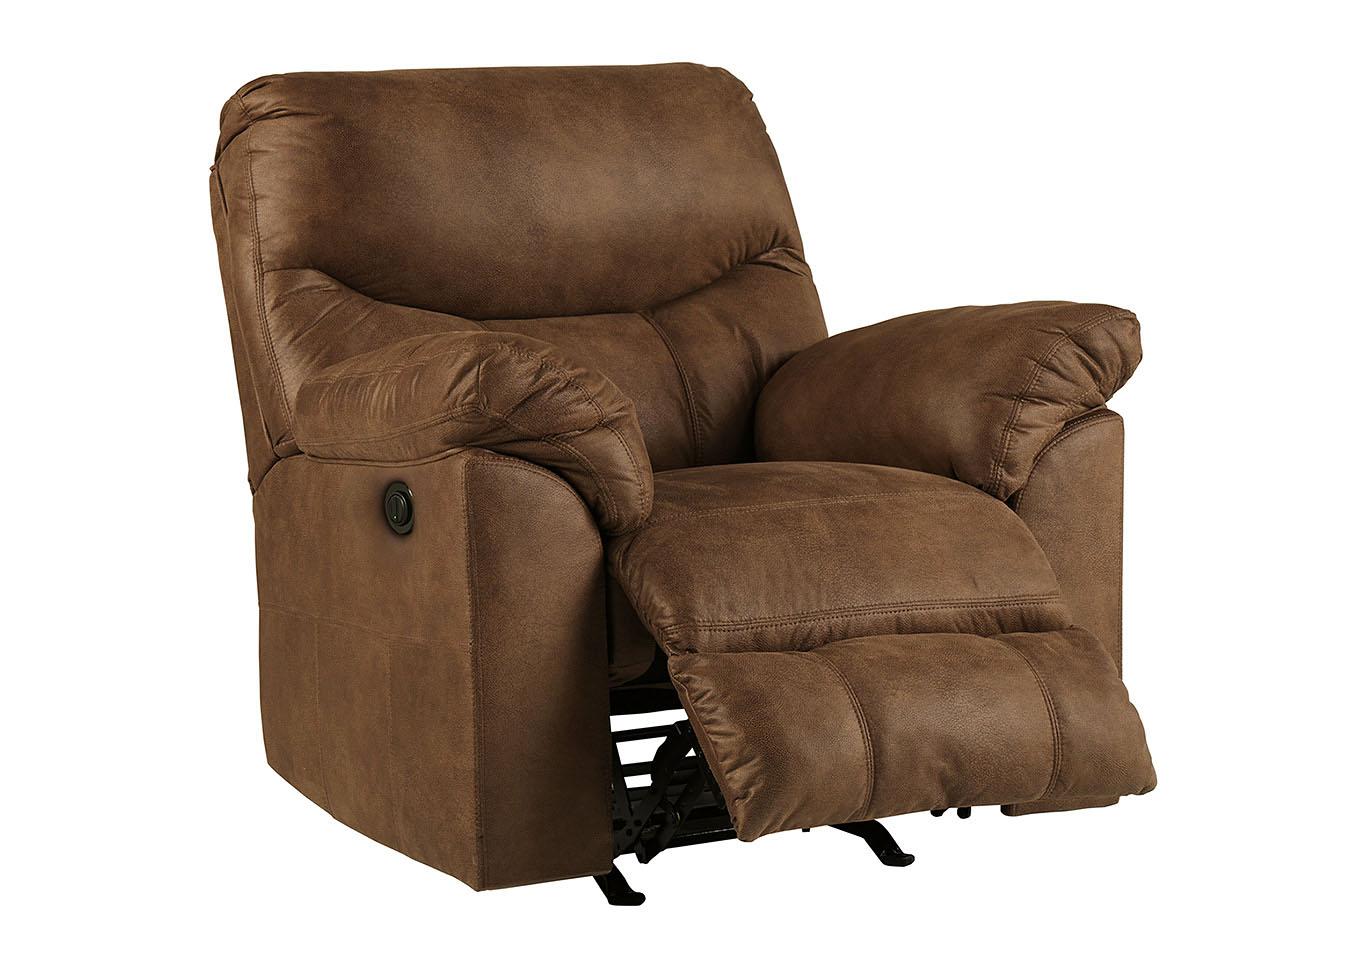 langlois furniture. Langlois Furniture K